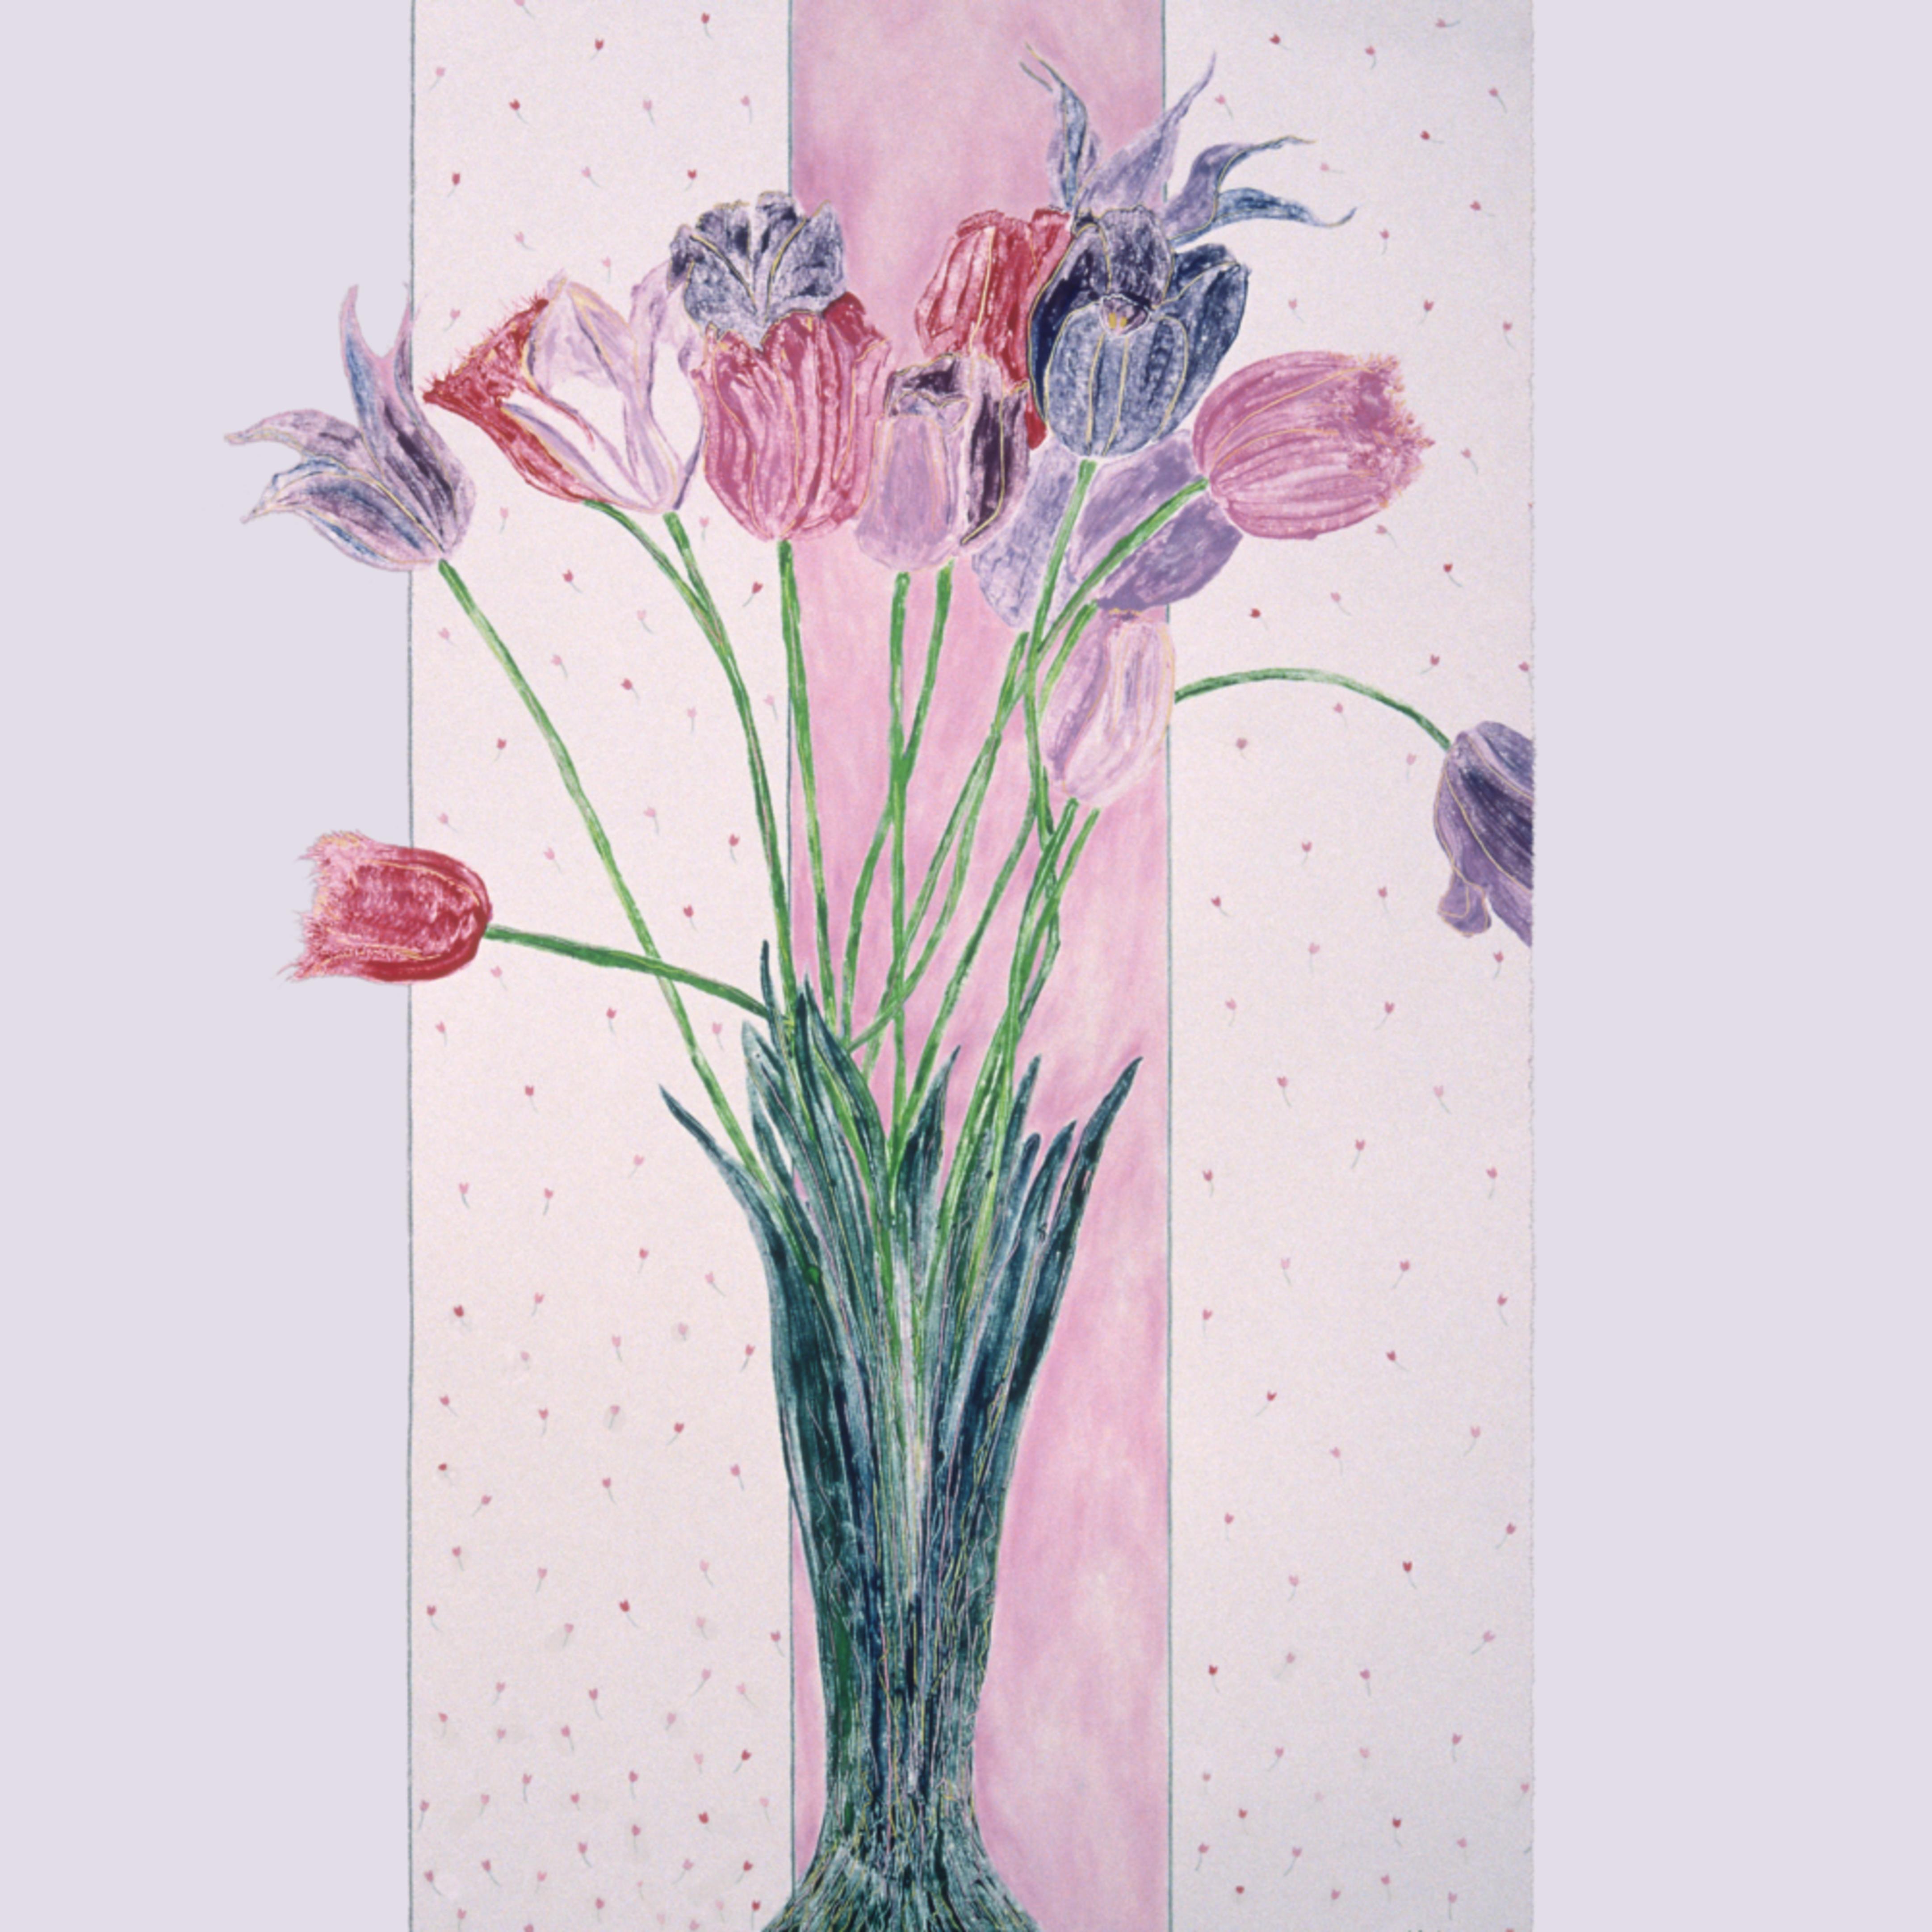 Dee van houten monotype blooming tulips uqqzgo